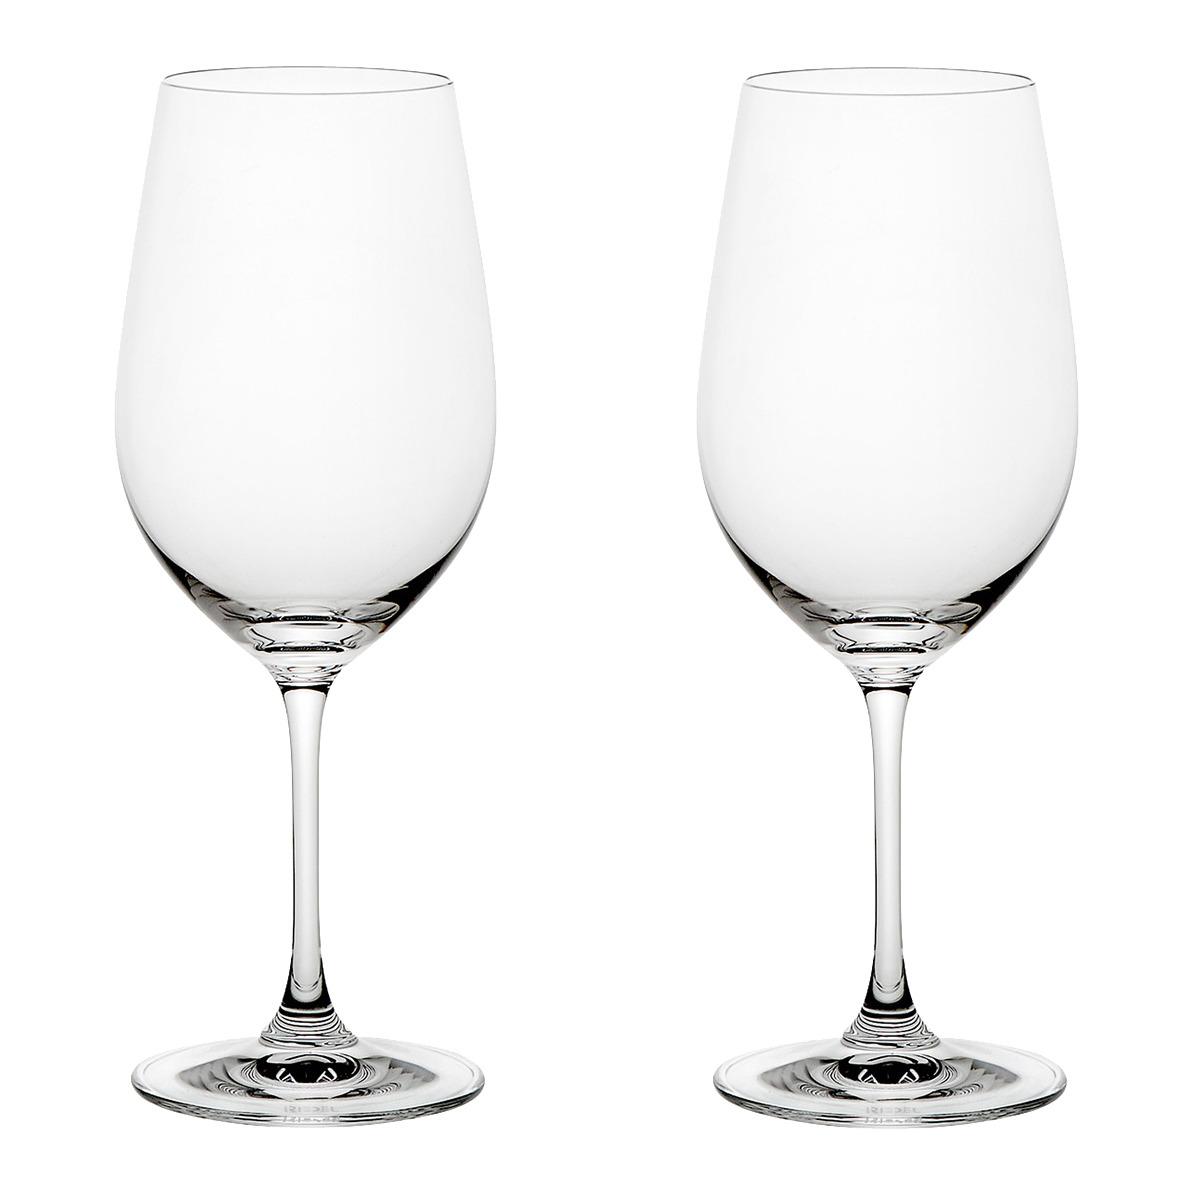 Juego de 2 copas de vino blanco Riesling Grand Cru Vinum Riedel